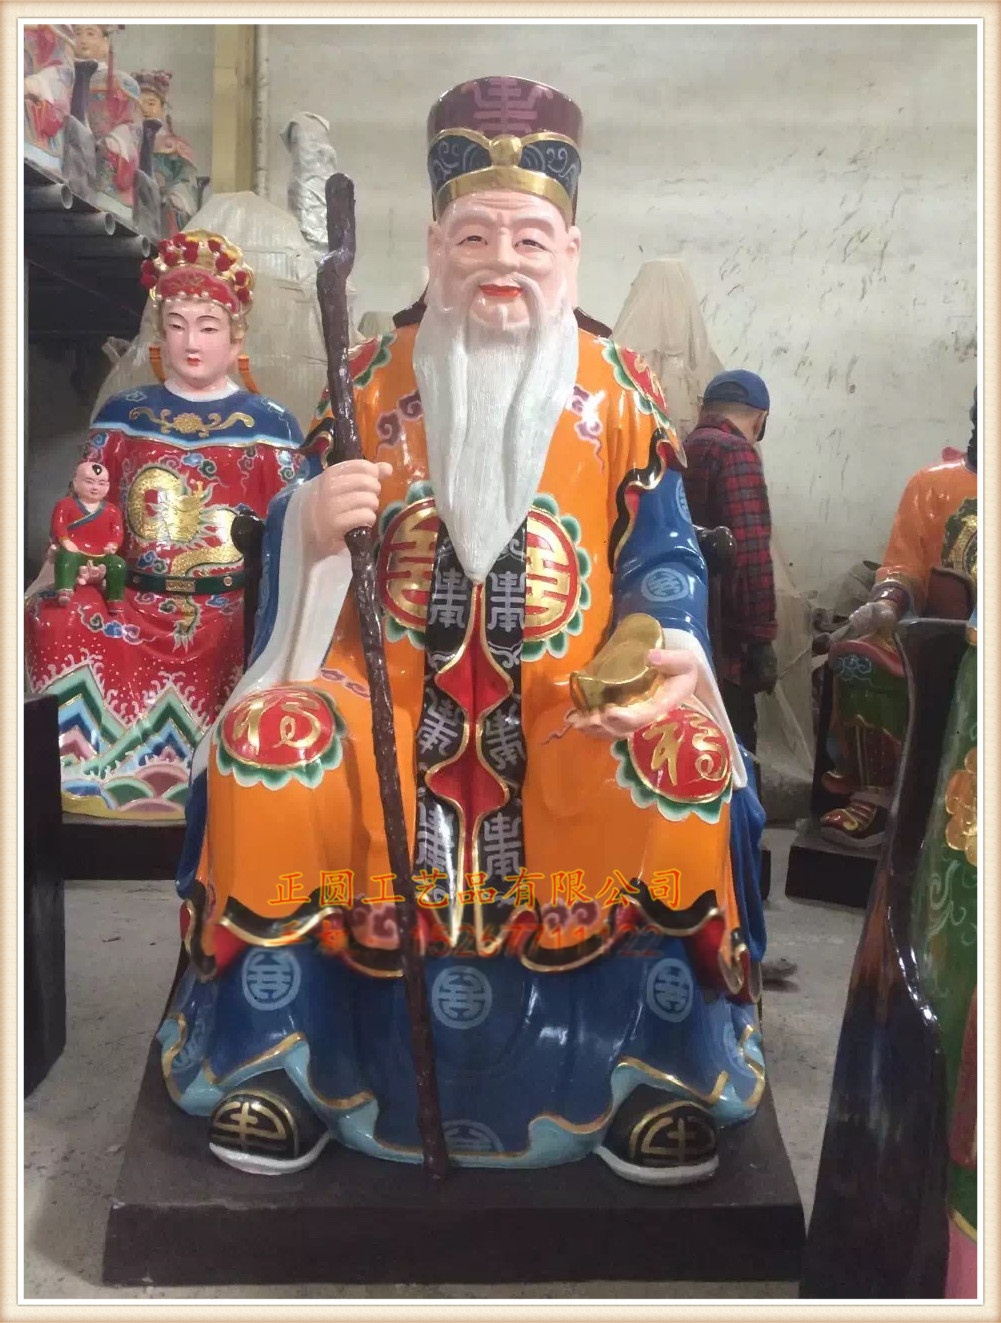 蒼南瑞盛工藝廠 1526.jpg